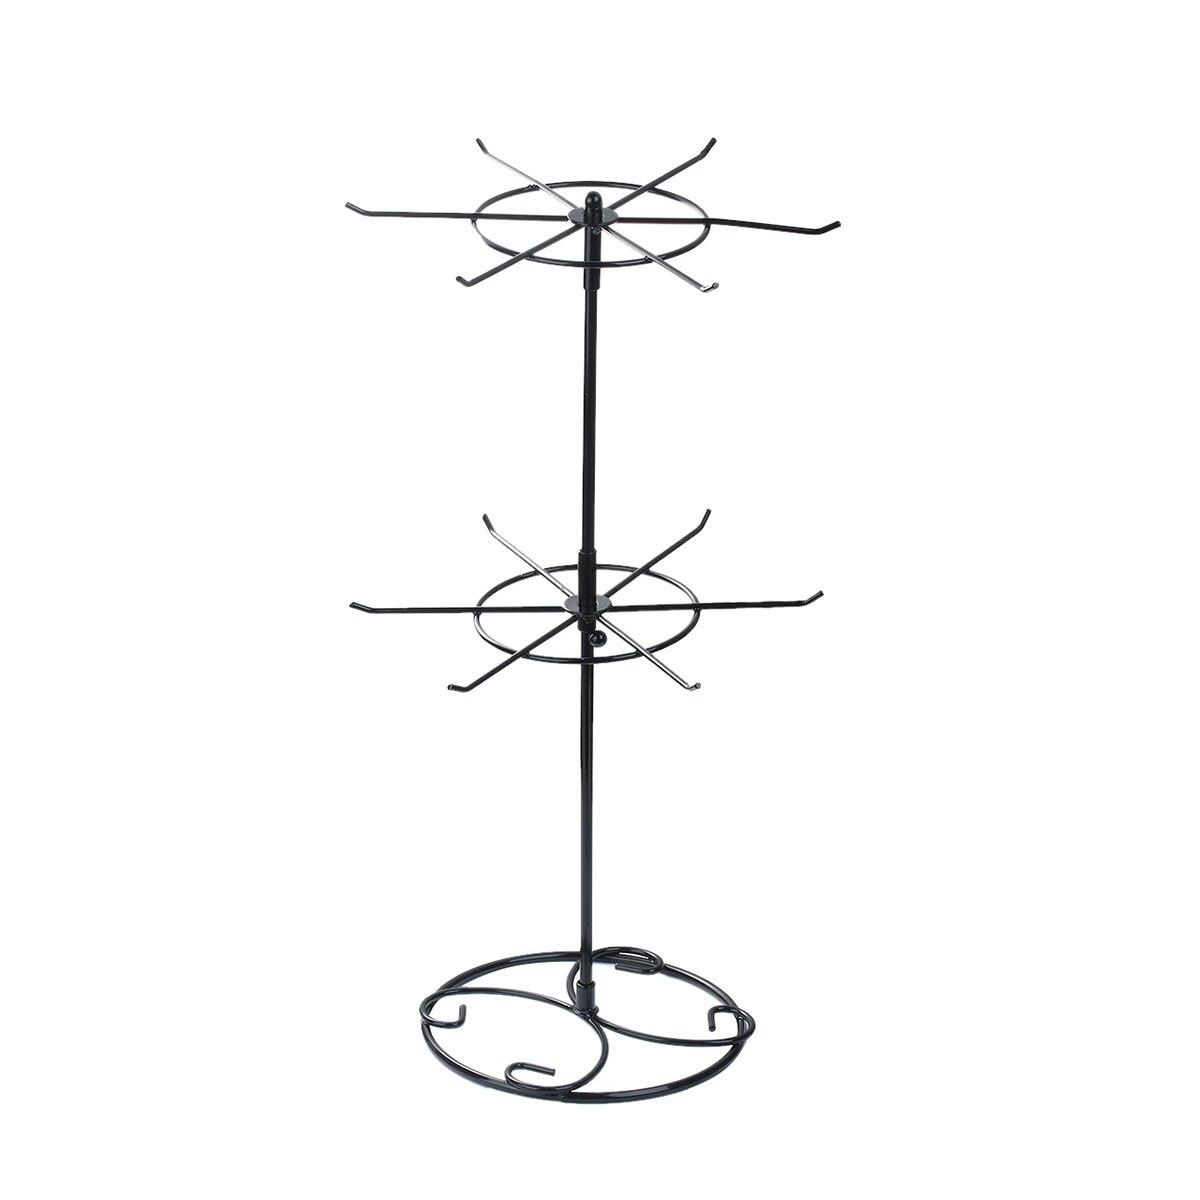 Doreen Boîte Double Niveau Bijoux Boucles D'oreilles Collier Présentoir Stand Rond Noir Tournant 43 cm x 22.2 cm, 1 PC 2017 nouveau